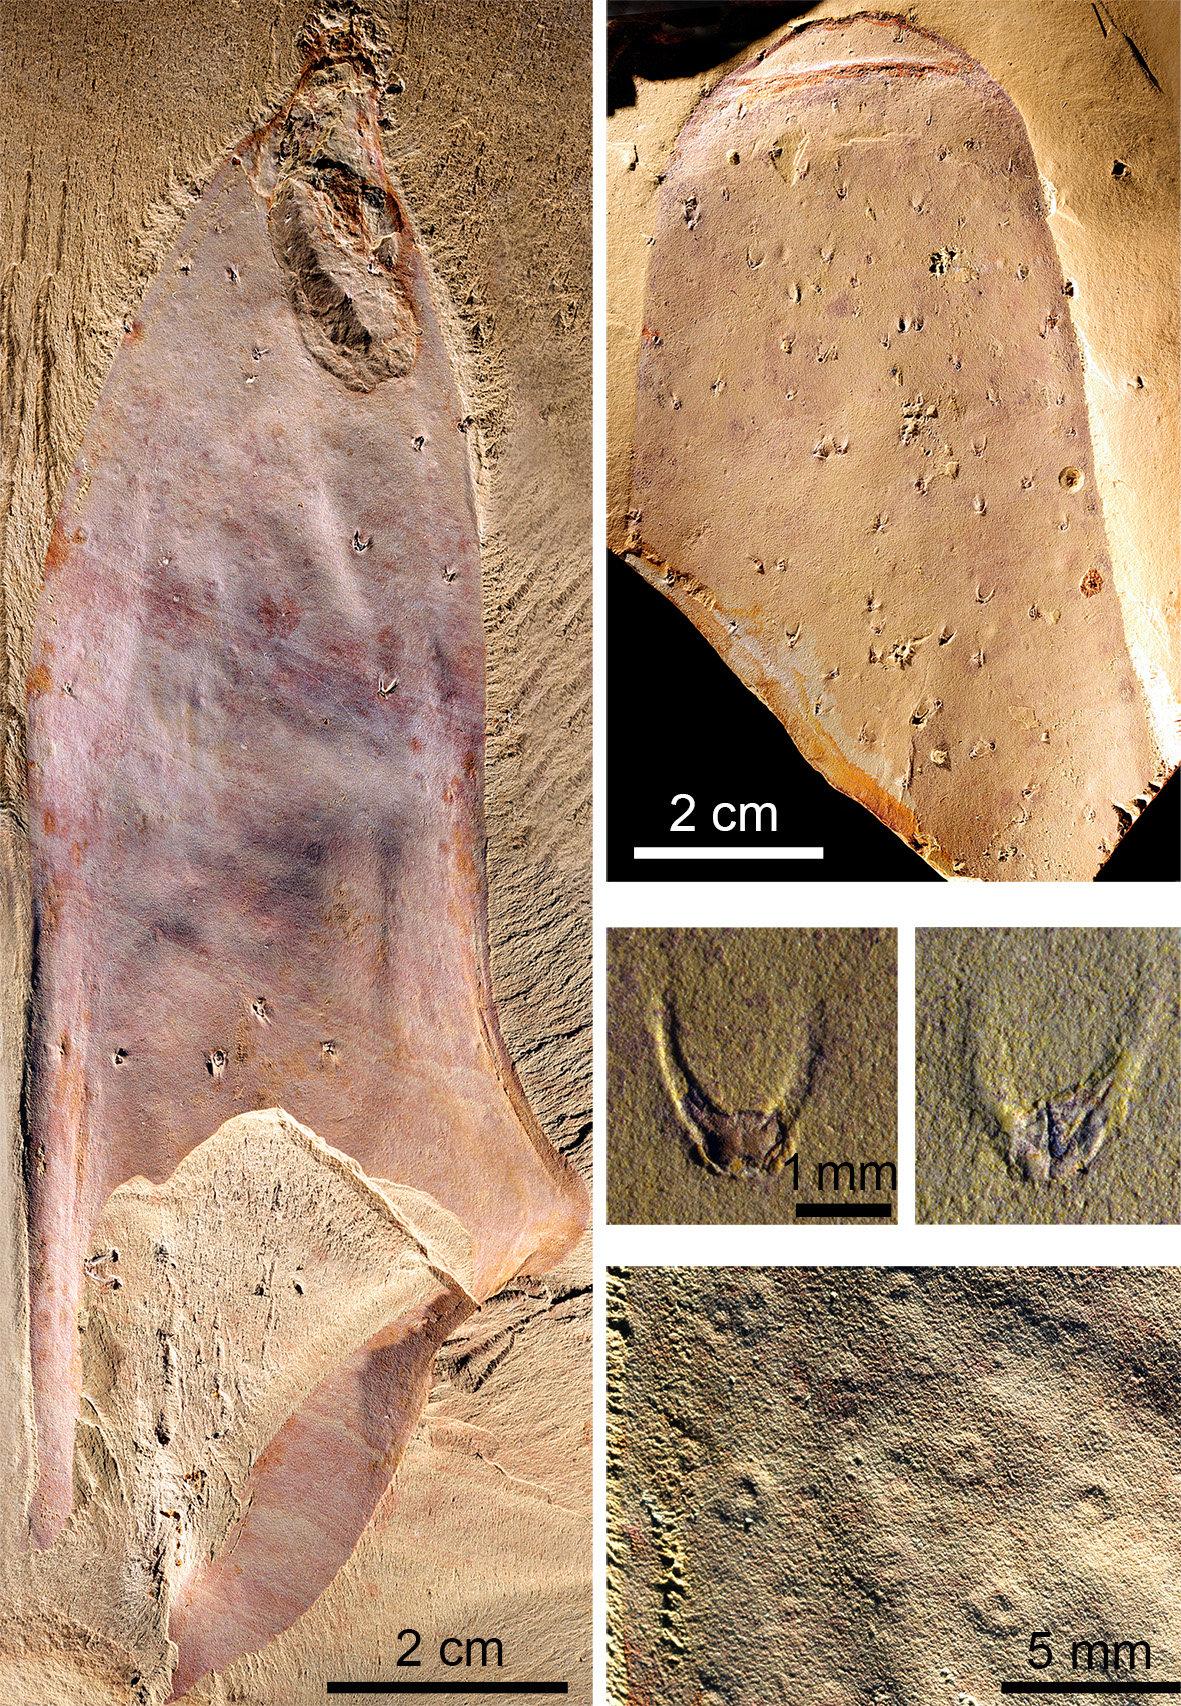 «Голое» ископаемое существо возрастом в полмиллиарда лет заставило ученых задуматься